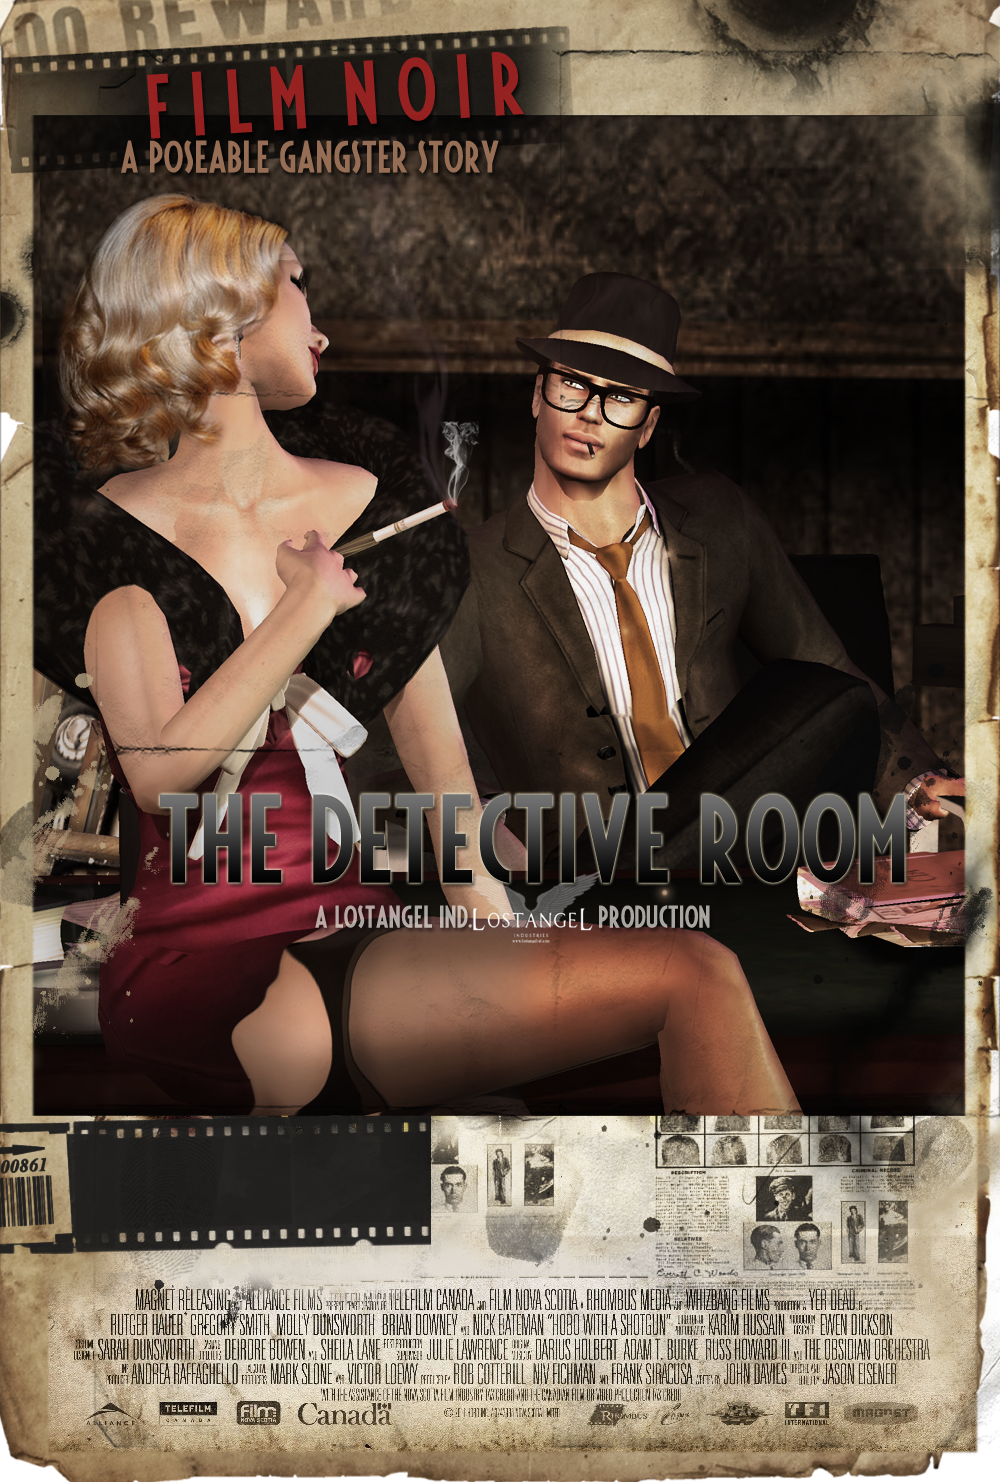 Detective Room